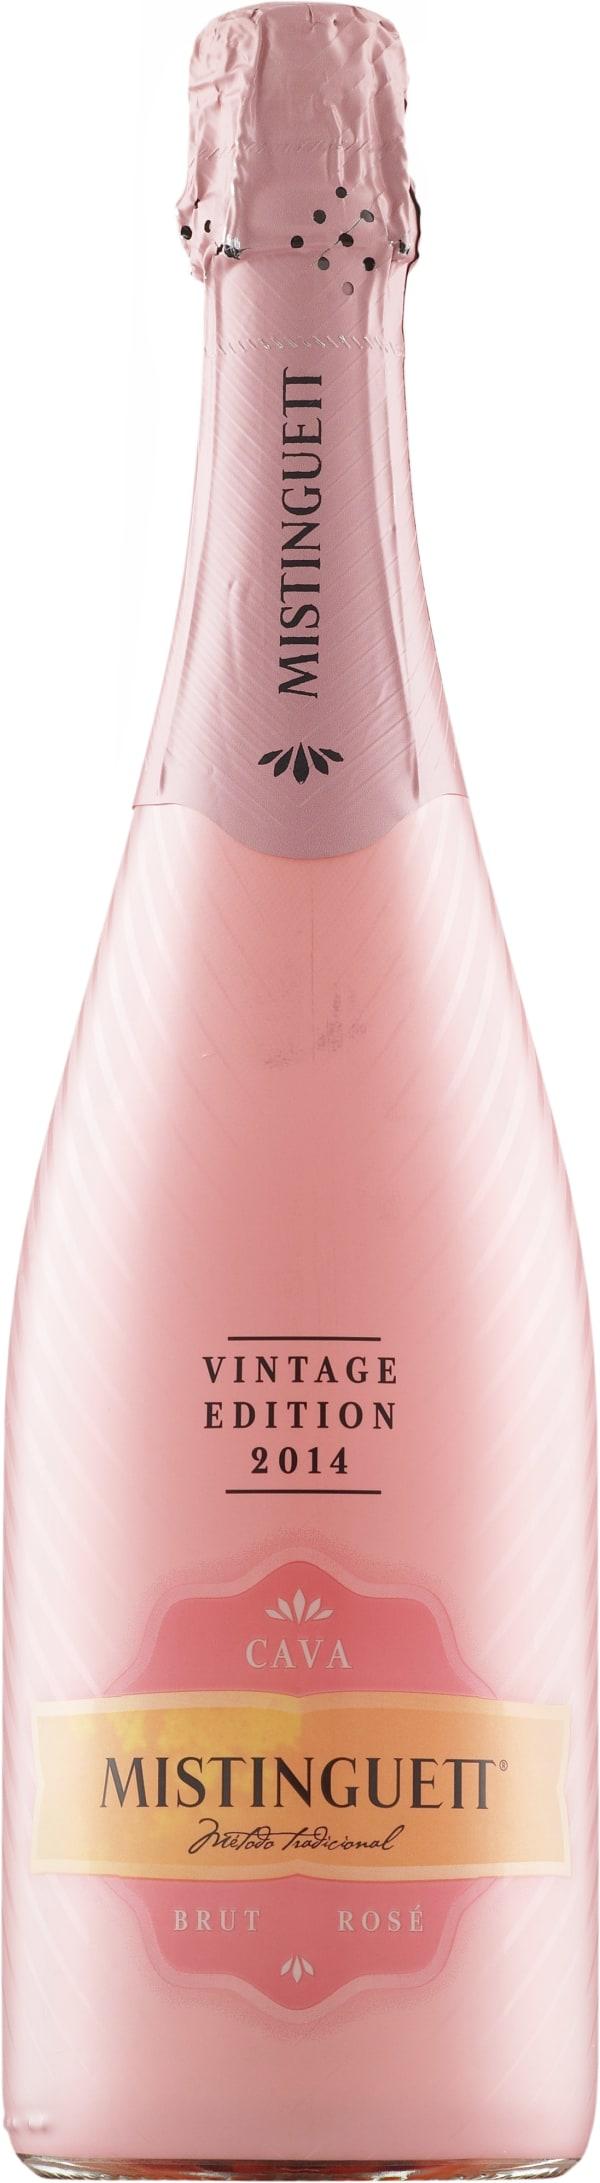 Mistinguett Vintage Edition Rosé Cava Brut 2015